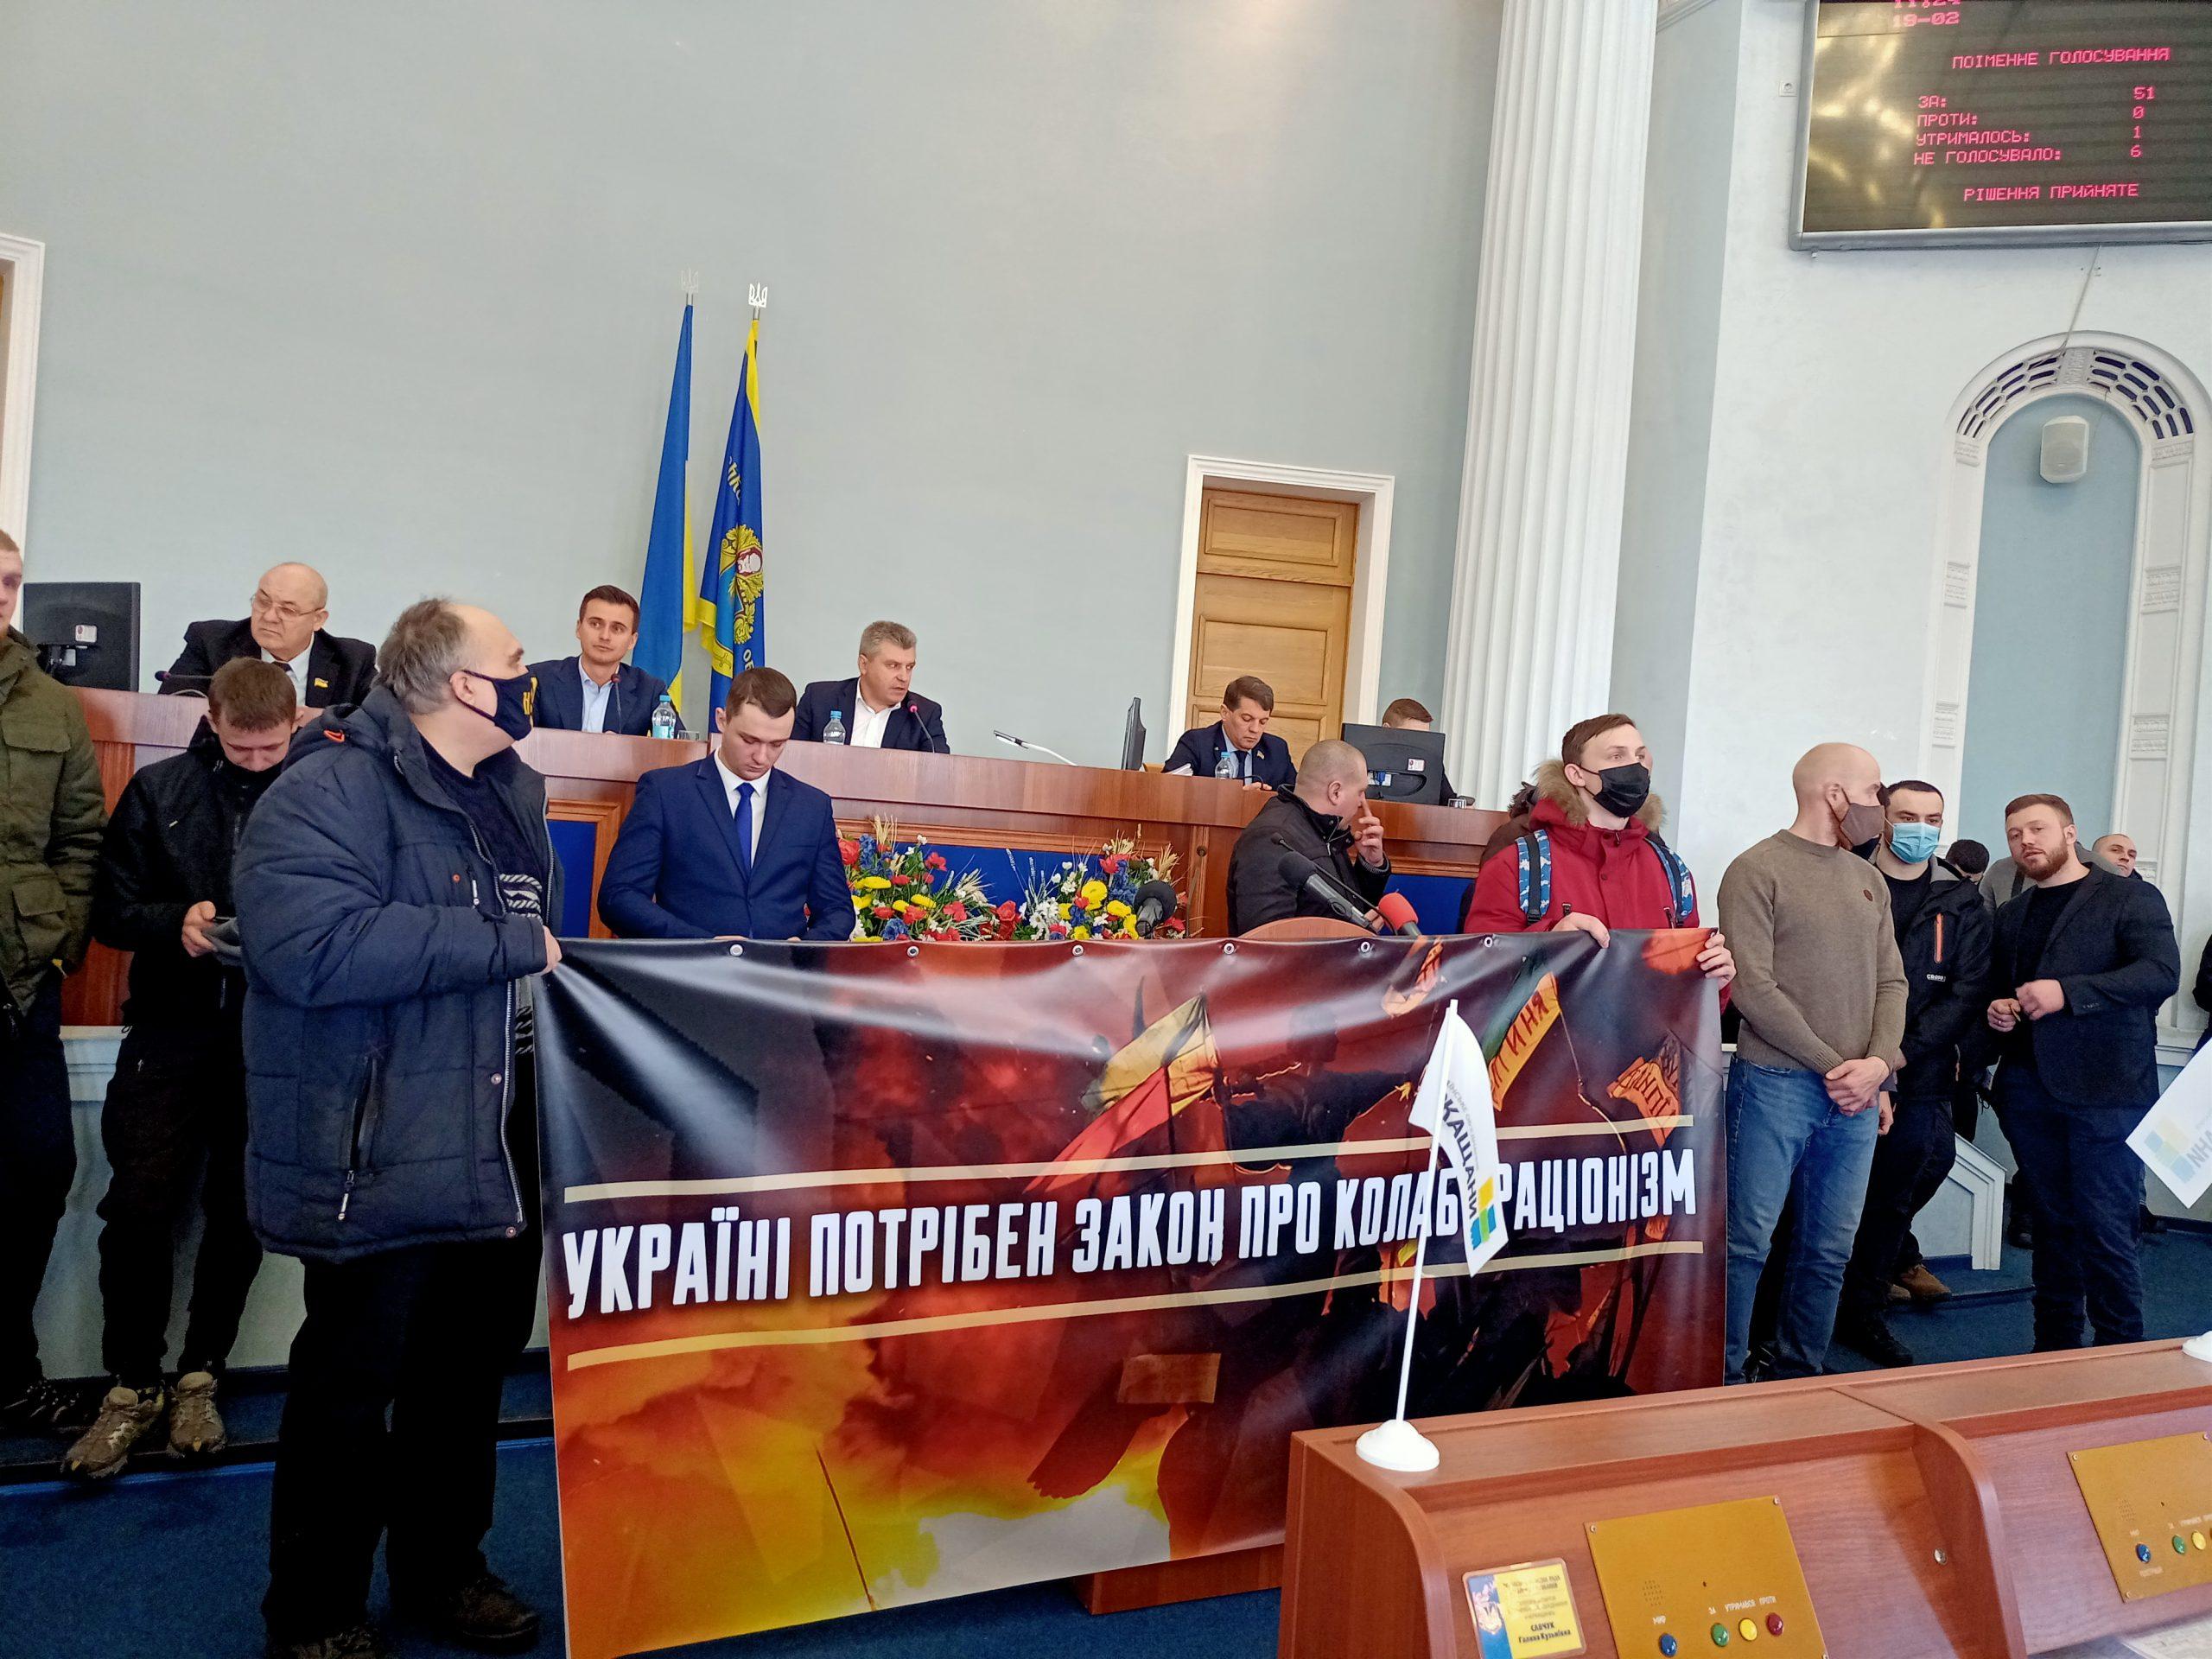 Депутати Черкащини просять підтримати закон про колабораціонізм